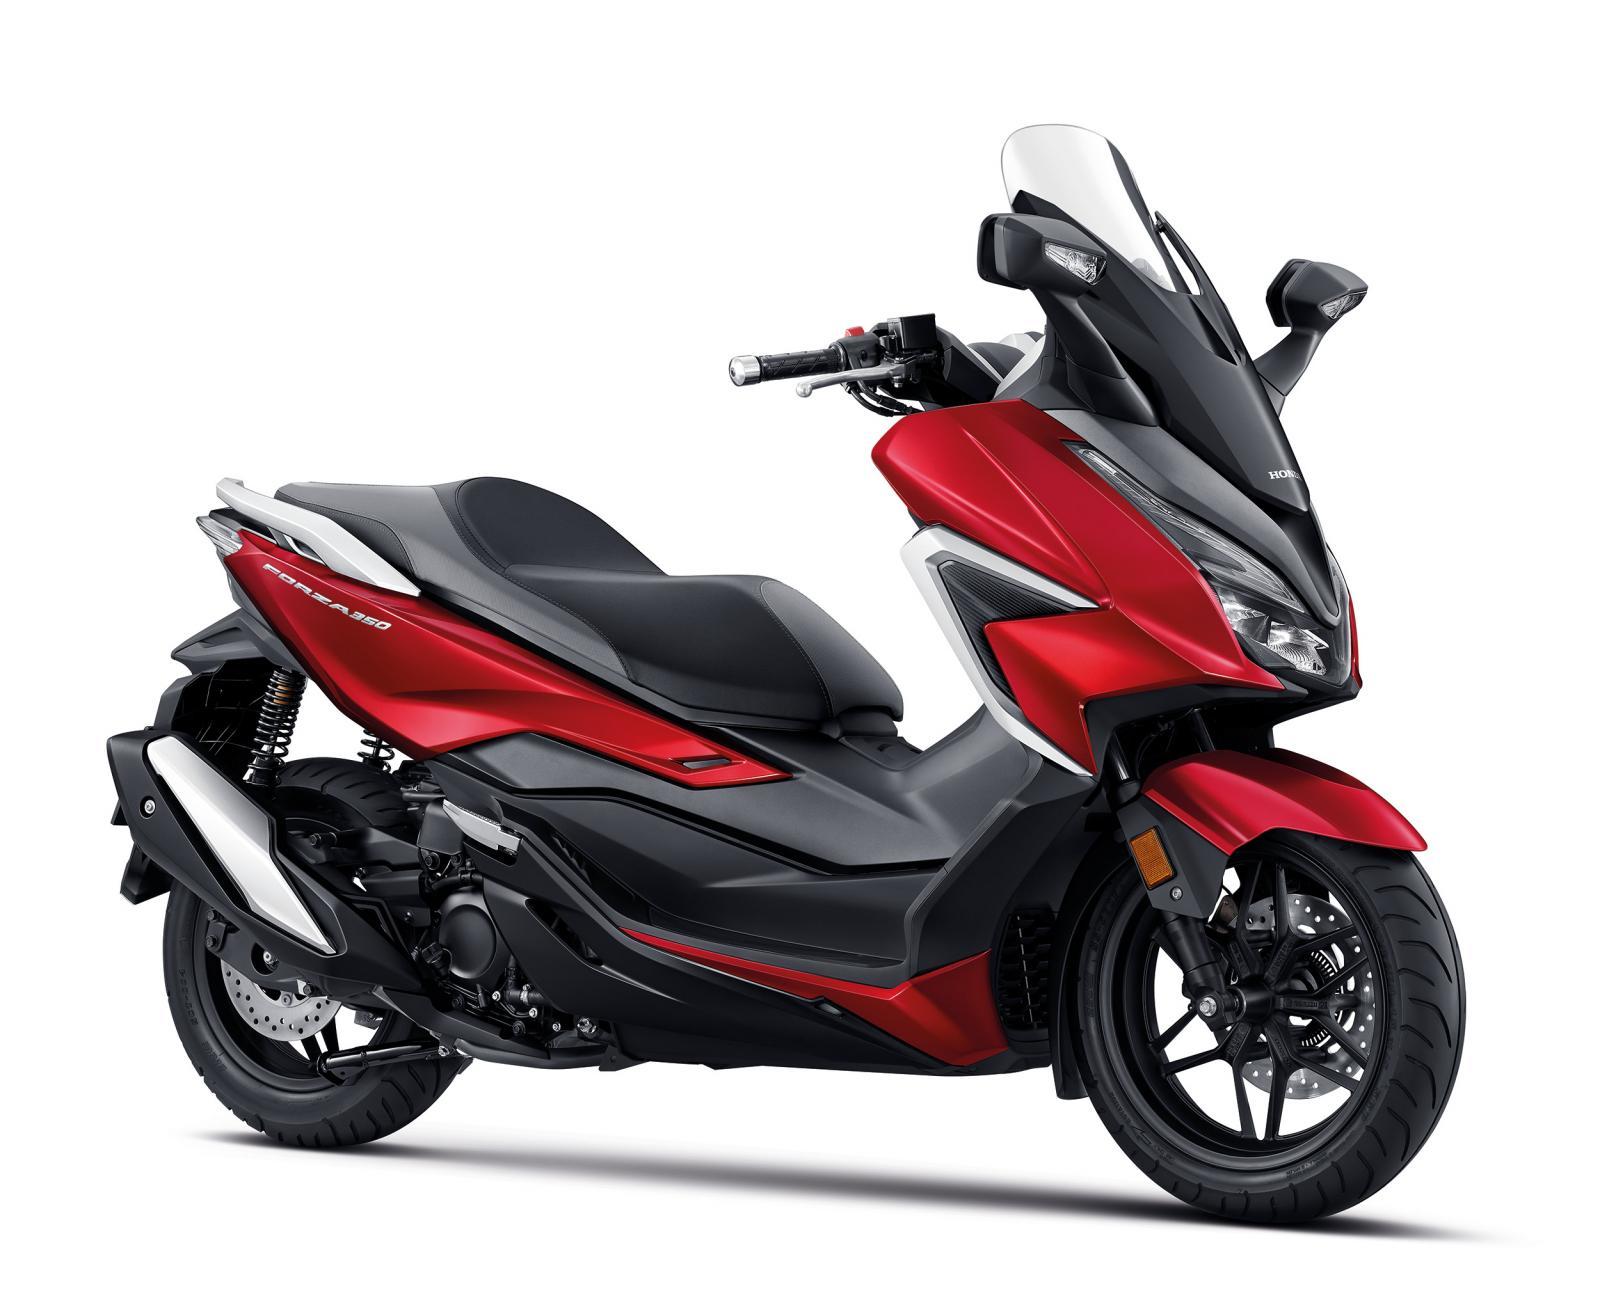 ราคาและตารางผ่อน ดาวน์ Honda Forza 350